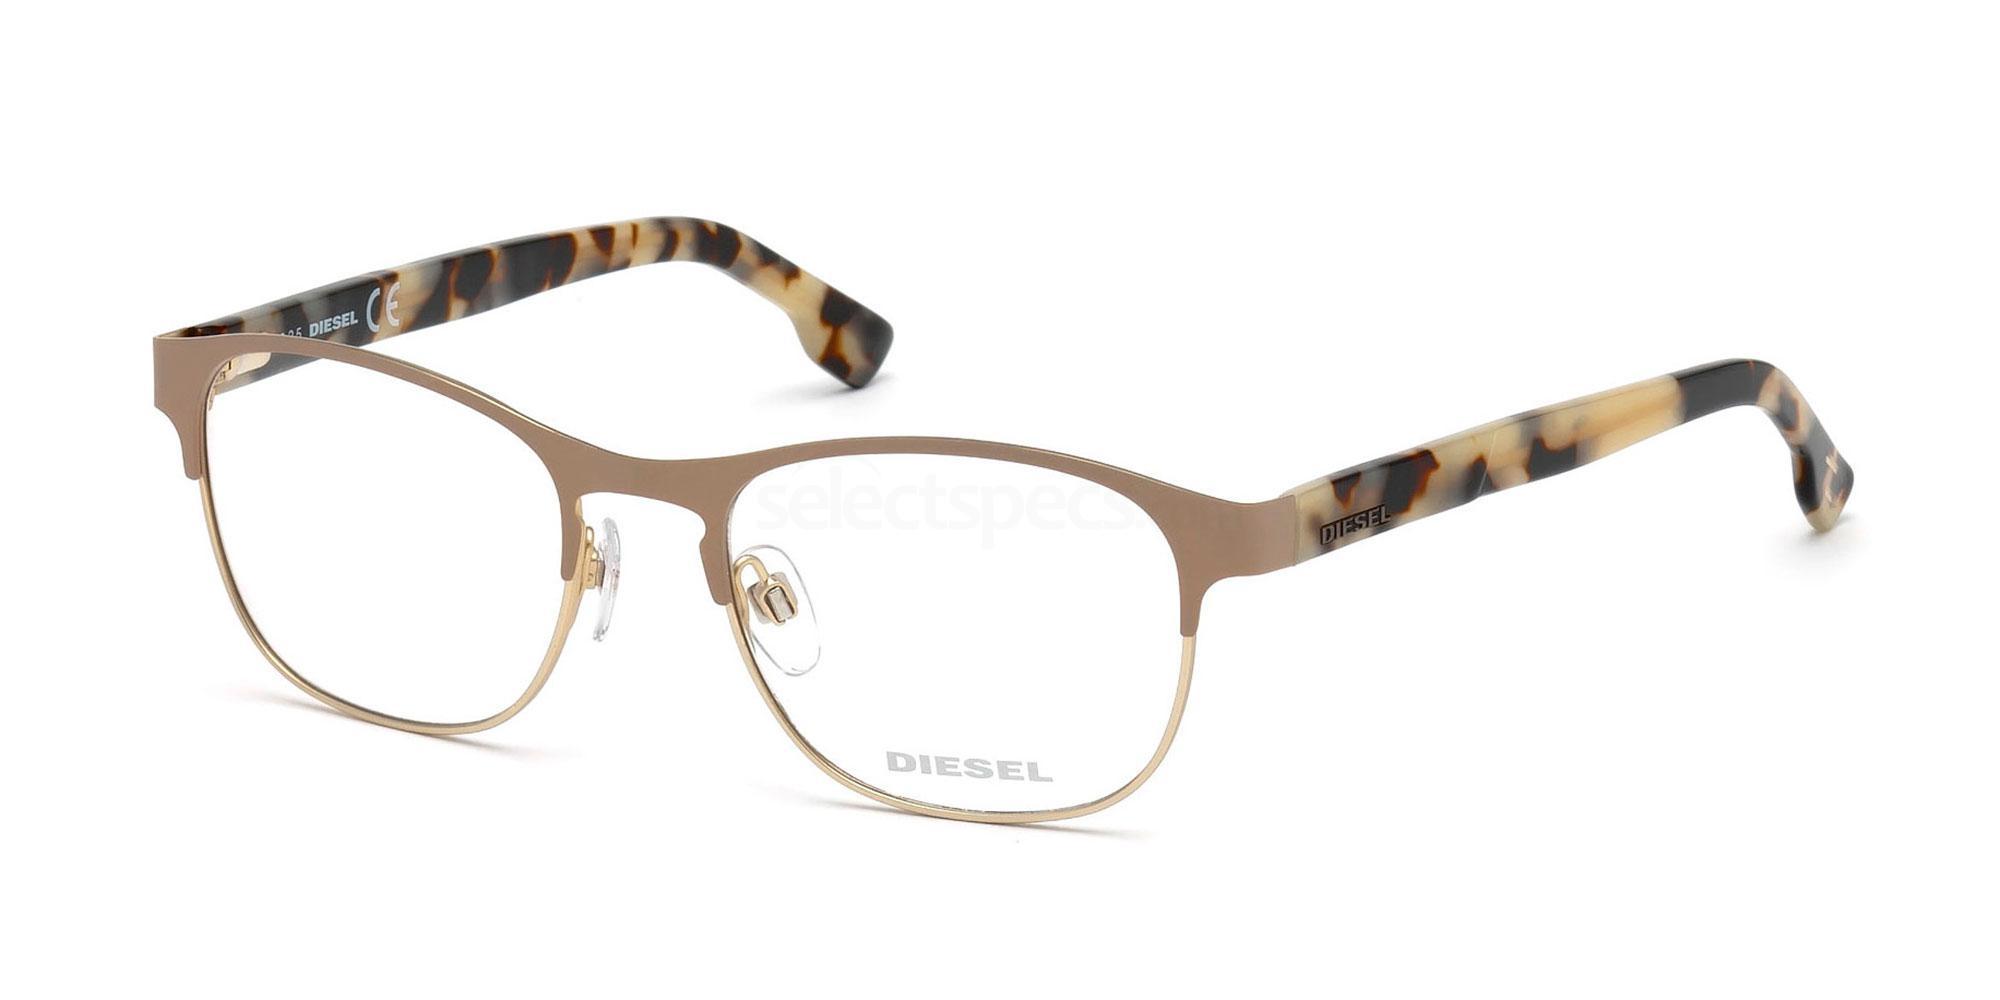 020 DL5201 Glasses, Diesel